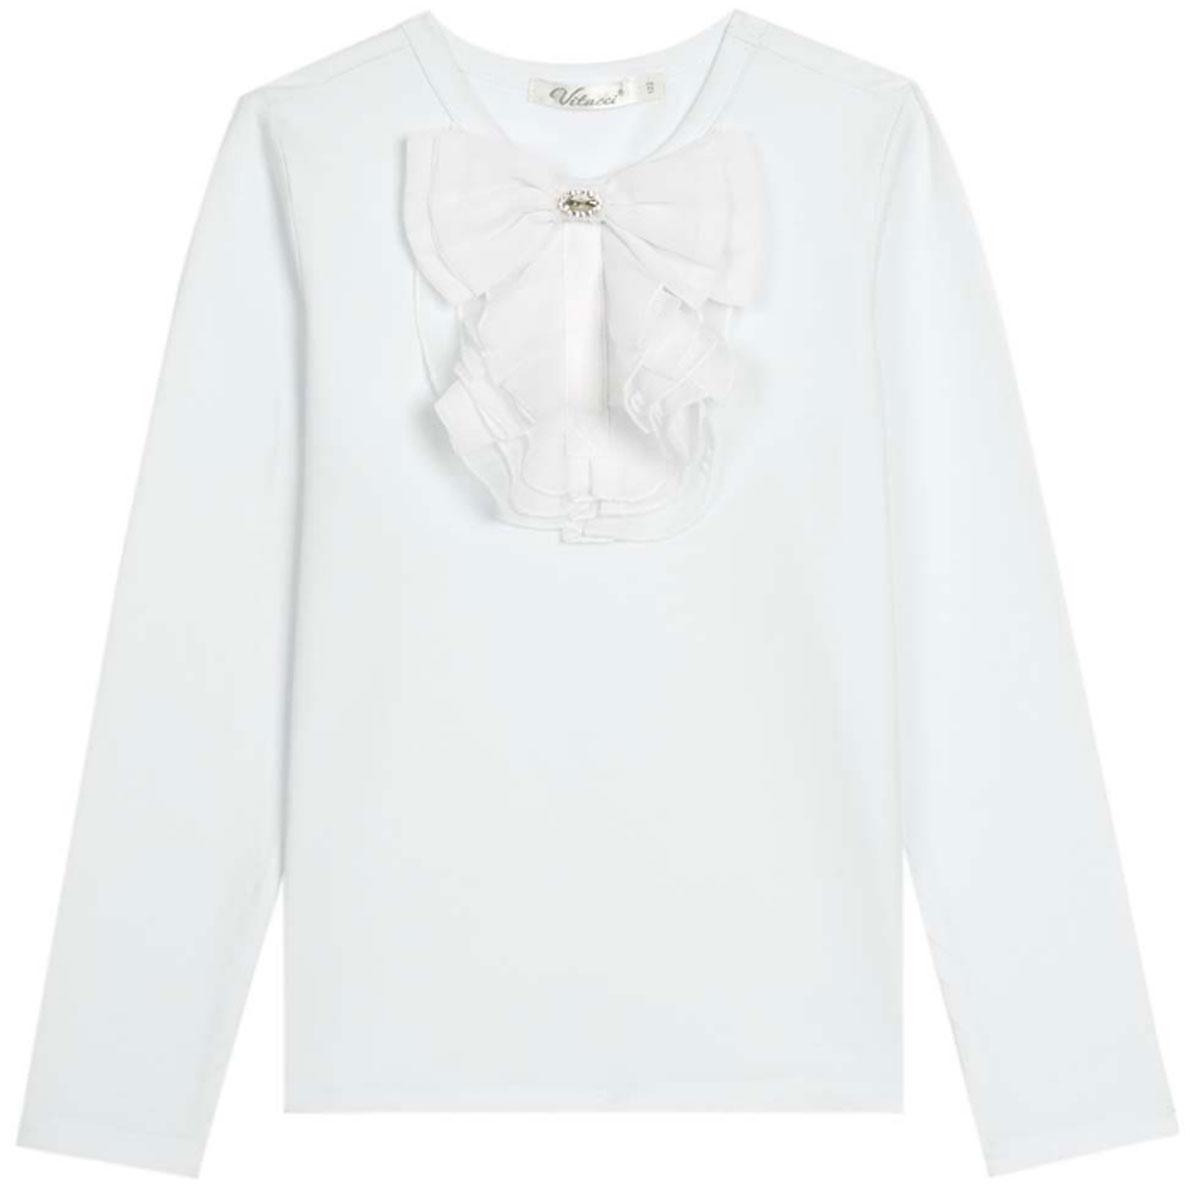 Блузка для девочки Vitacci, цвет: белый. 2173082-01. Размер 1282173082-01Школьная блузка для девочки от Vitacci выполнена из эластичного хлопкового трикотажа. Модель с длинными рукавами и круглым вырезом горловины на полочке оформлена жабо.